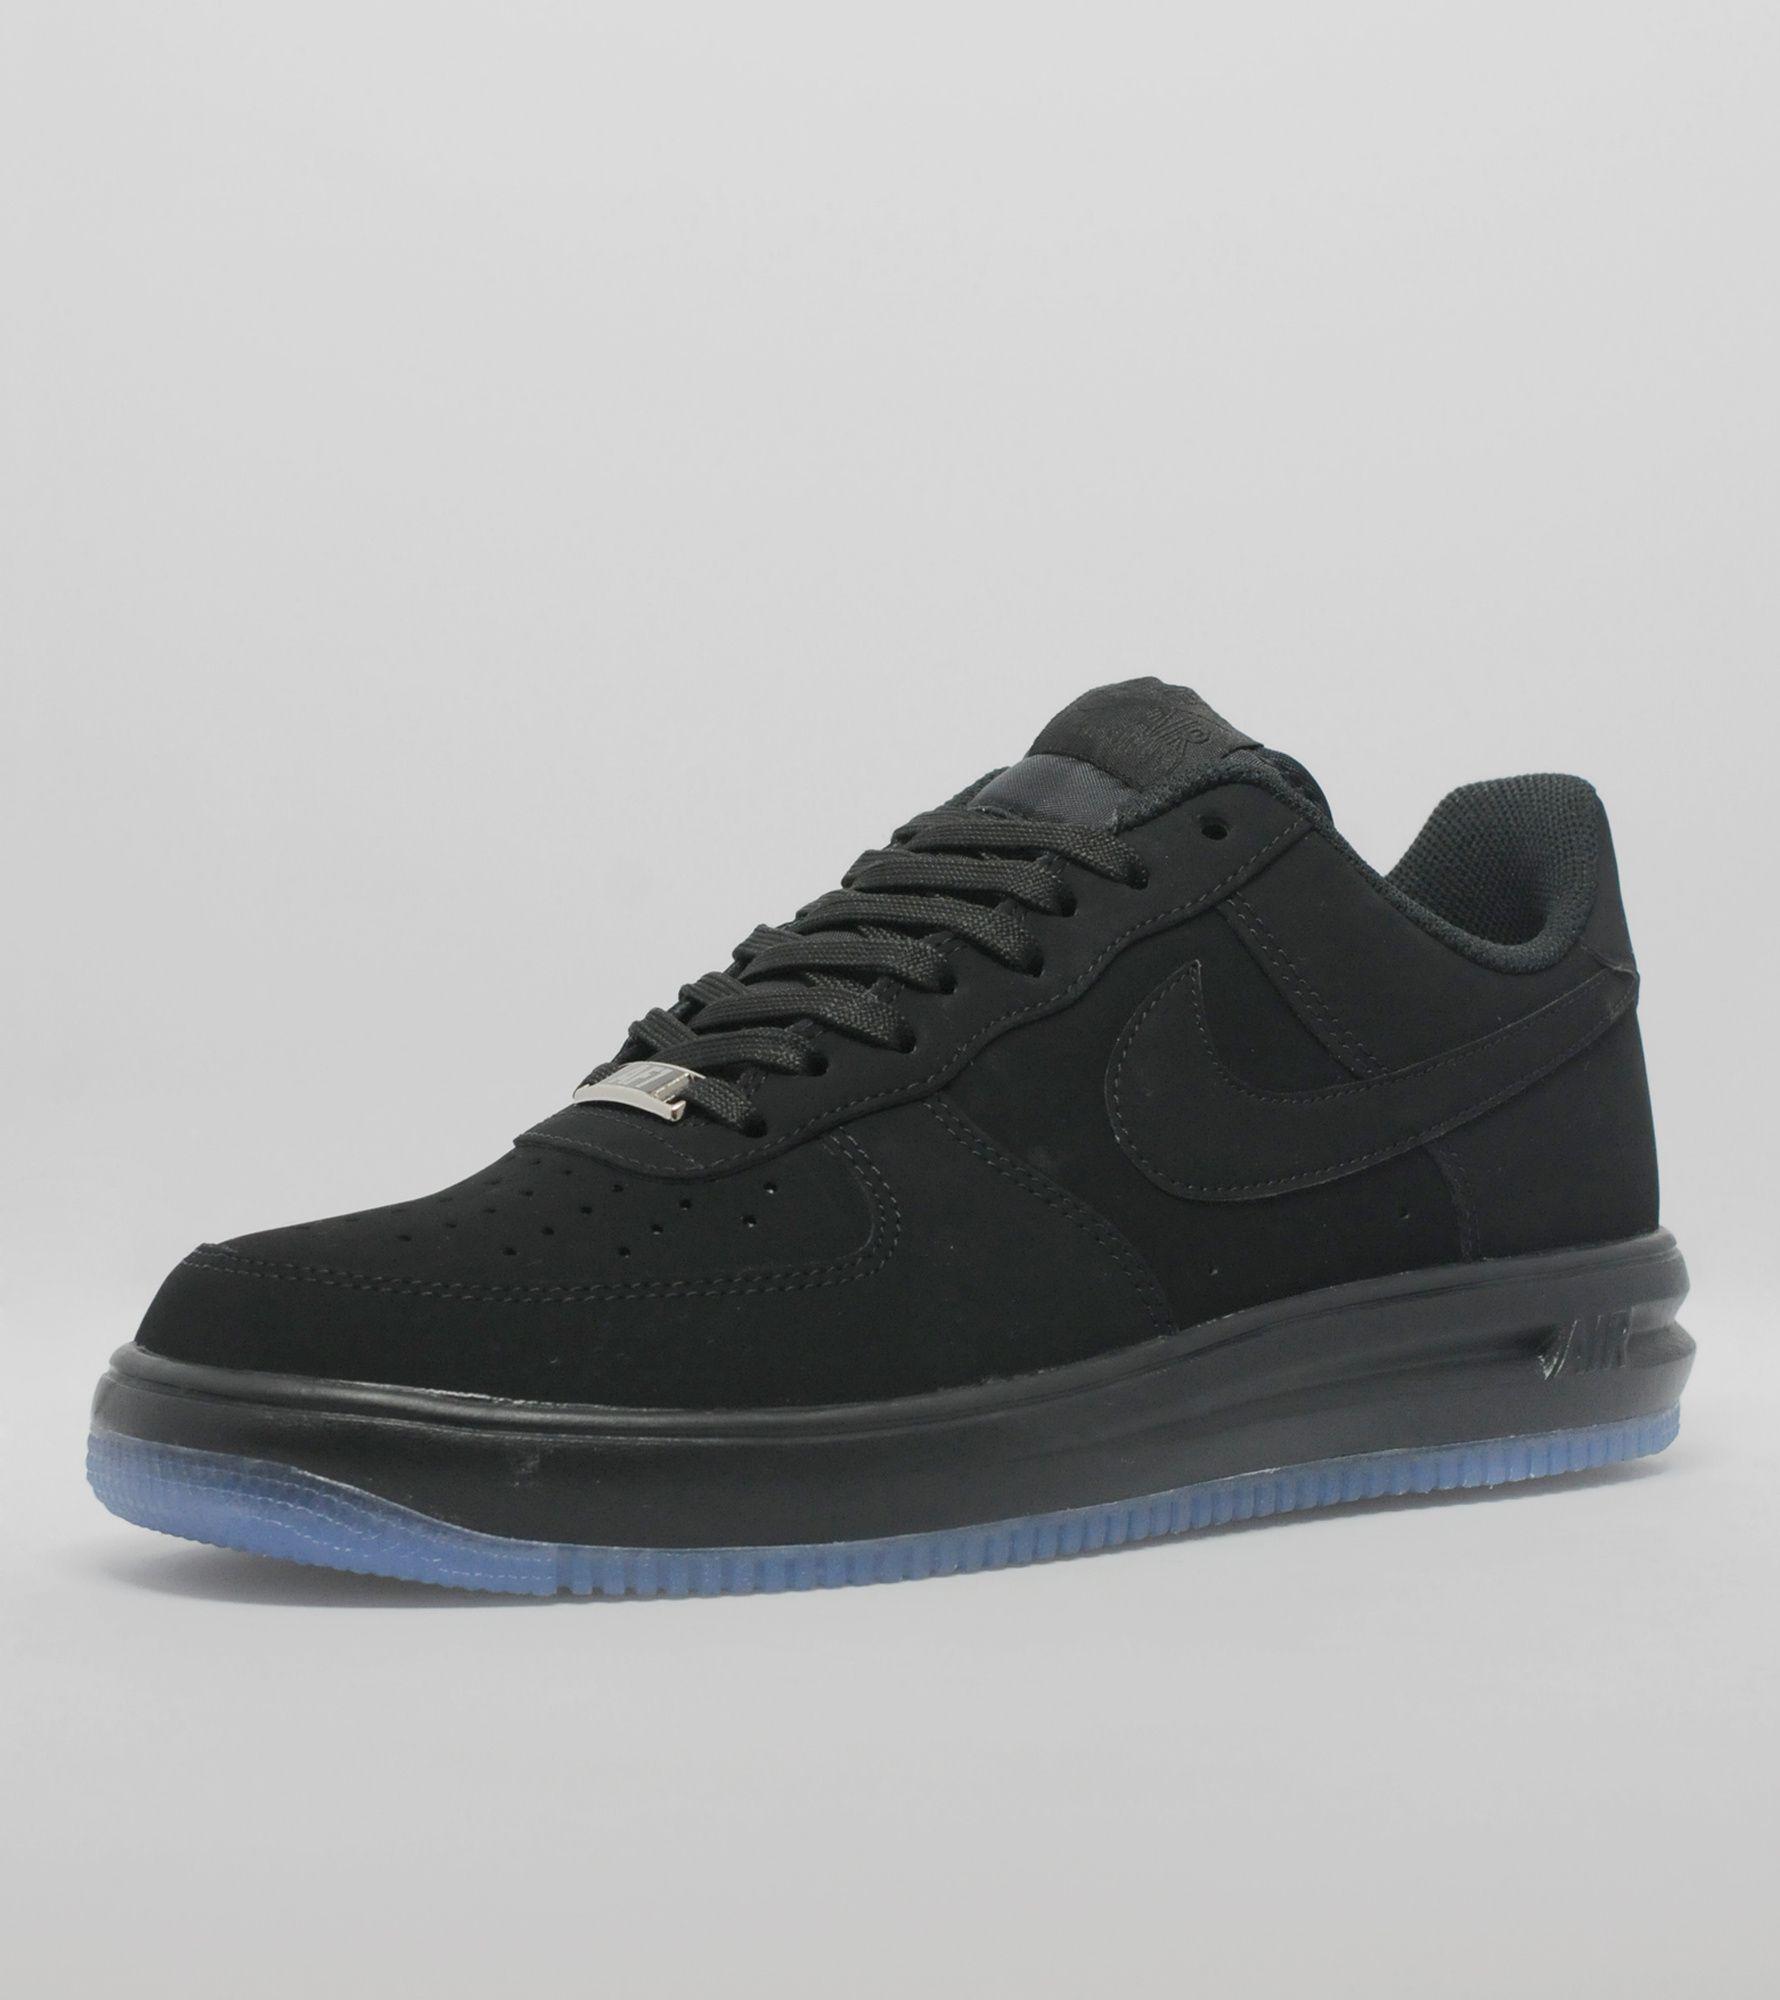 Nike Lunar Force 1